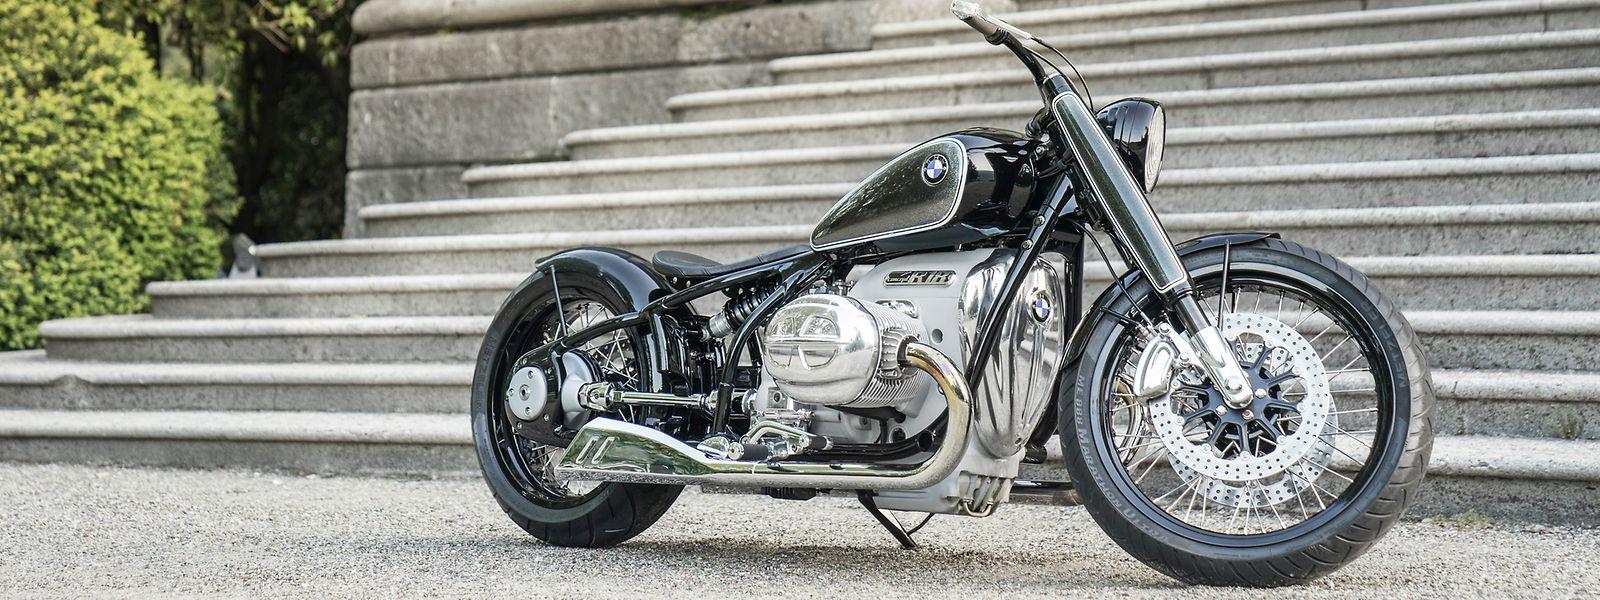 Die Concept R18 soll die Essenz großer BMW-Motorrad-Klassiker in die heutige Zeit übertragen.